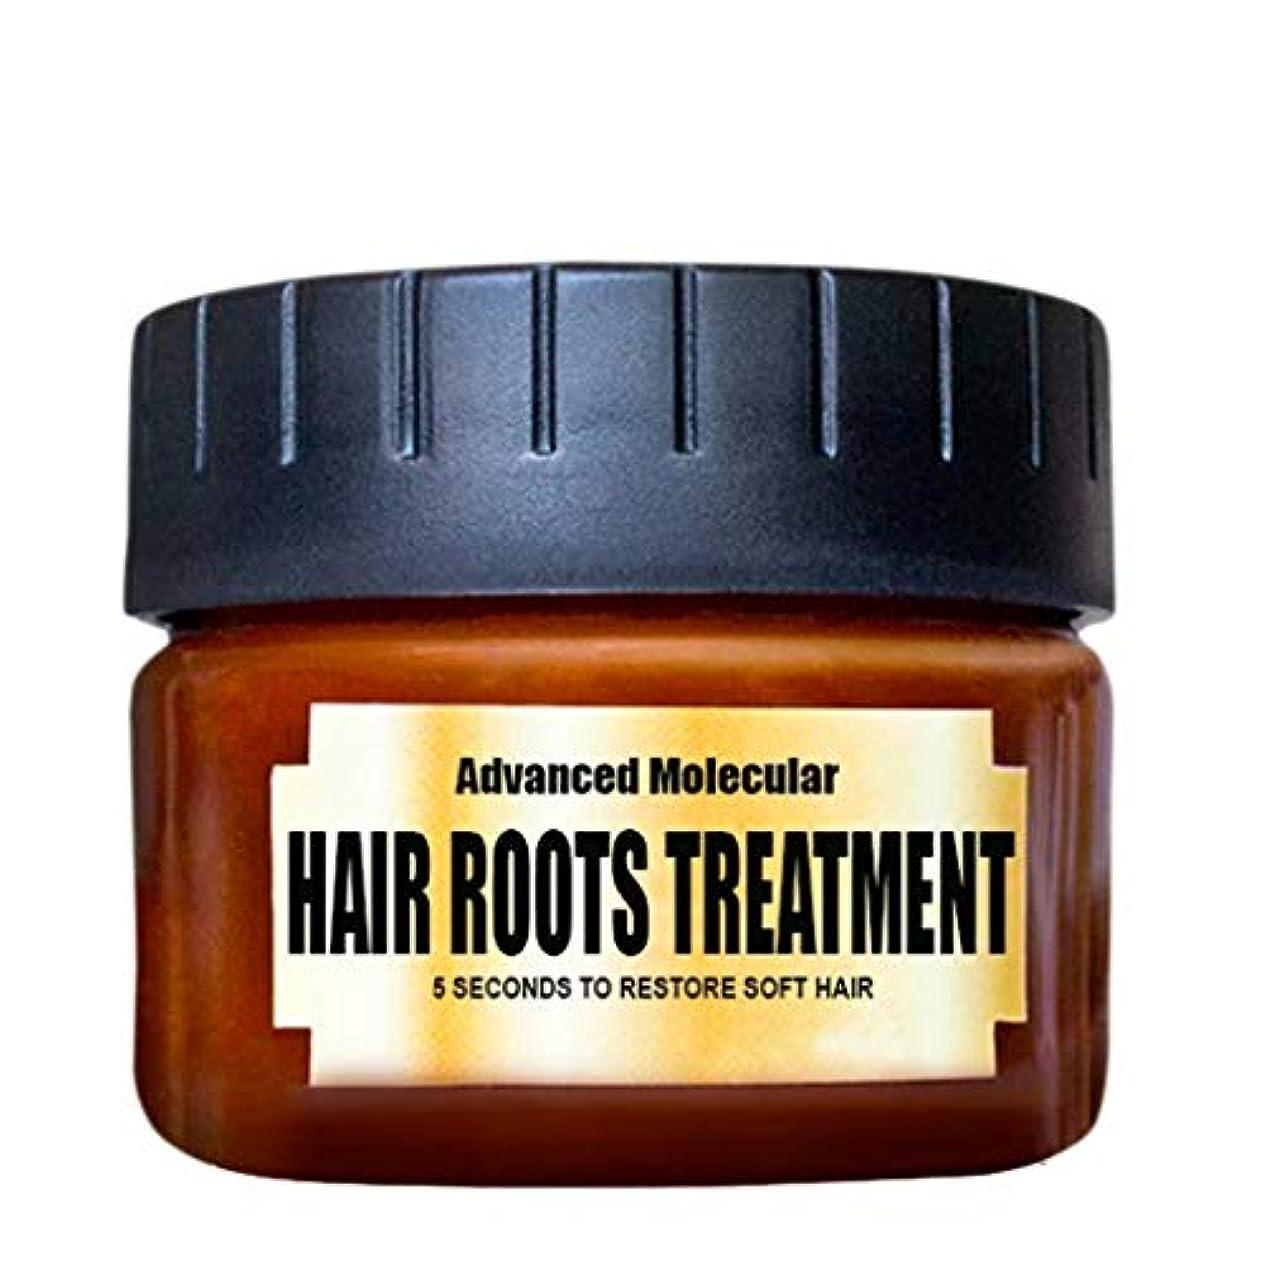 力大統領息子DOUJI 天然植物成分 ヘアケア リッチリペア コンディショナー60ml コンディショナー 髪の解毒ヘアマスク高度な分子毛根治療回復エクストラダメージケア トリートメント